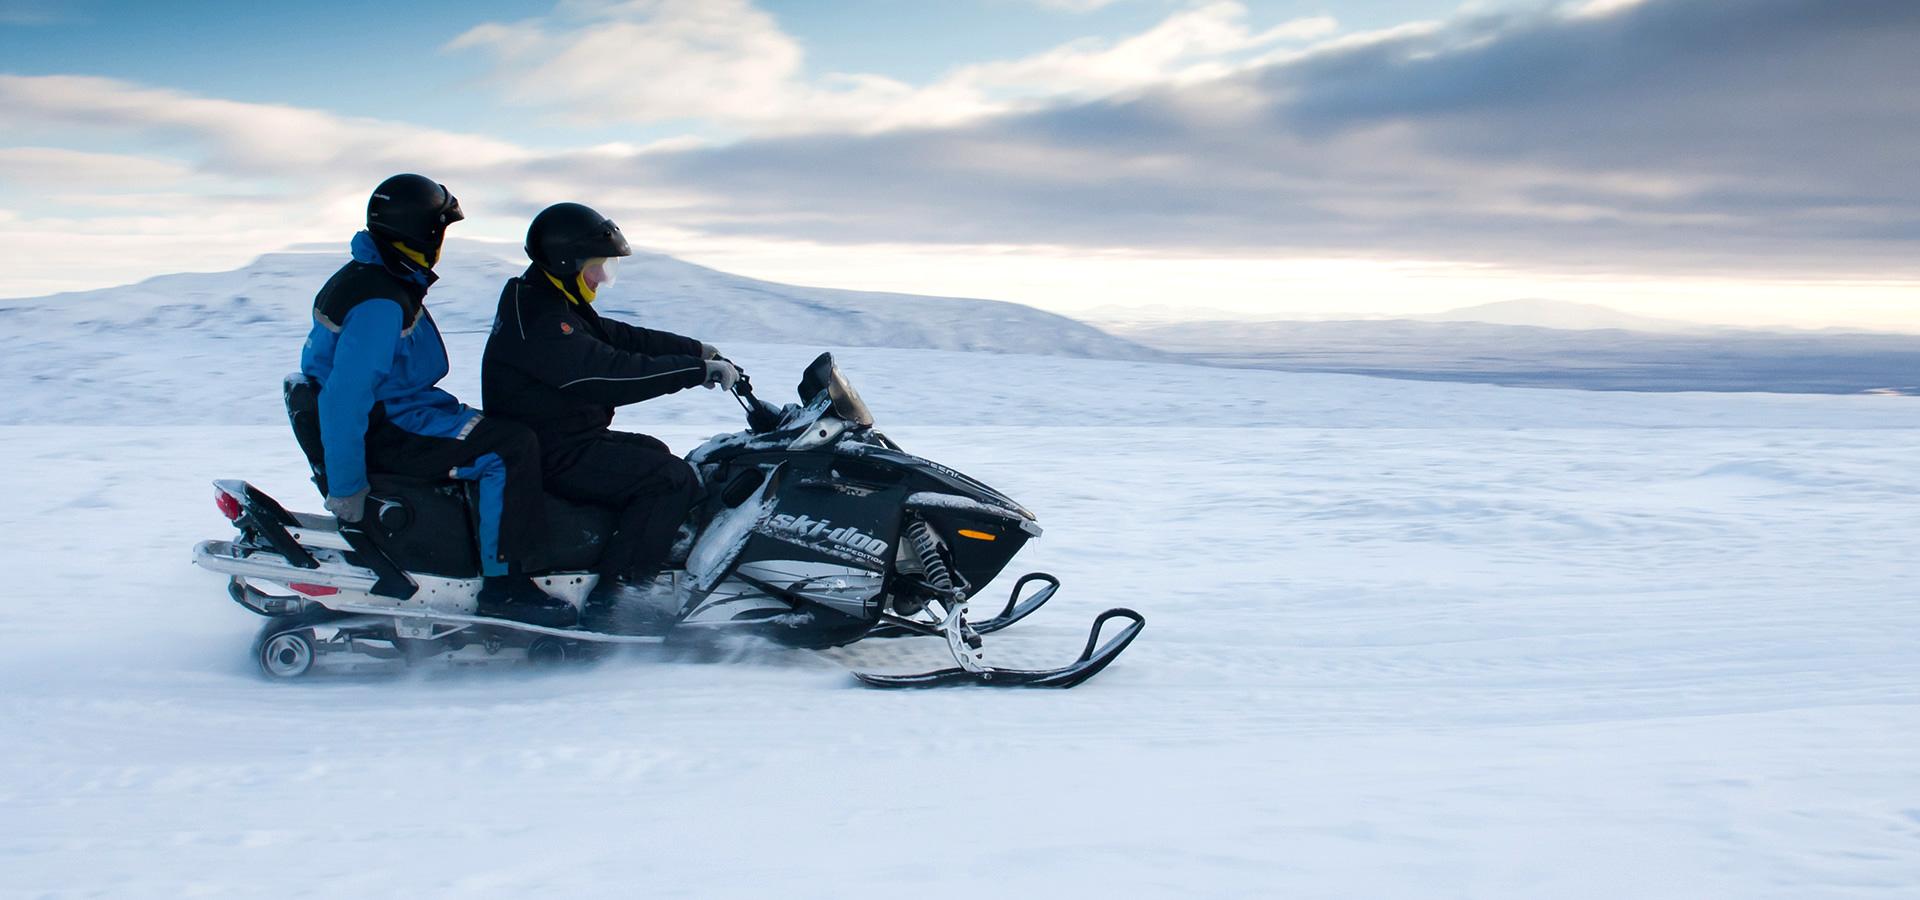 冒険好きにはたまらないアイスランドの氷河の上でのスノーモービル体験